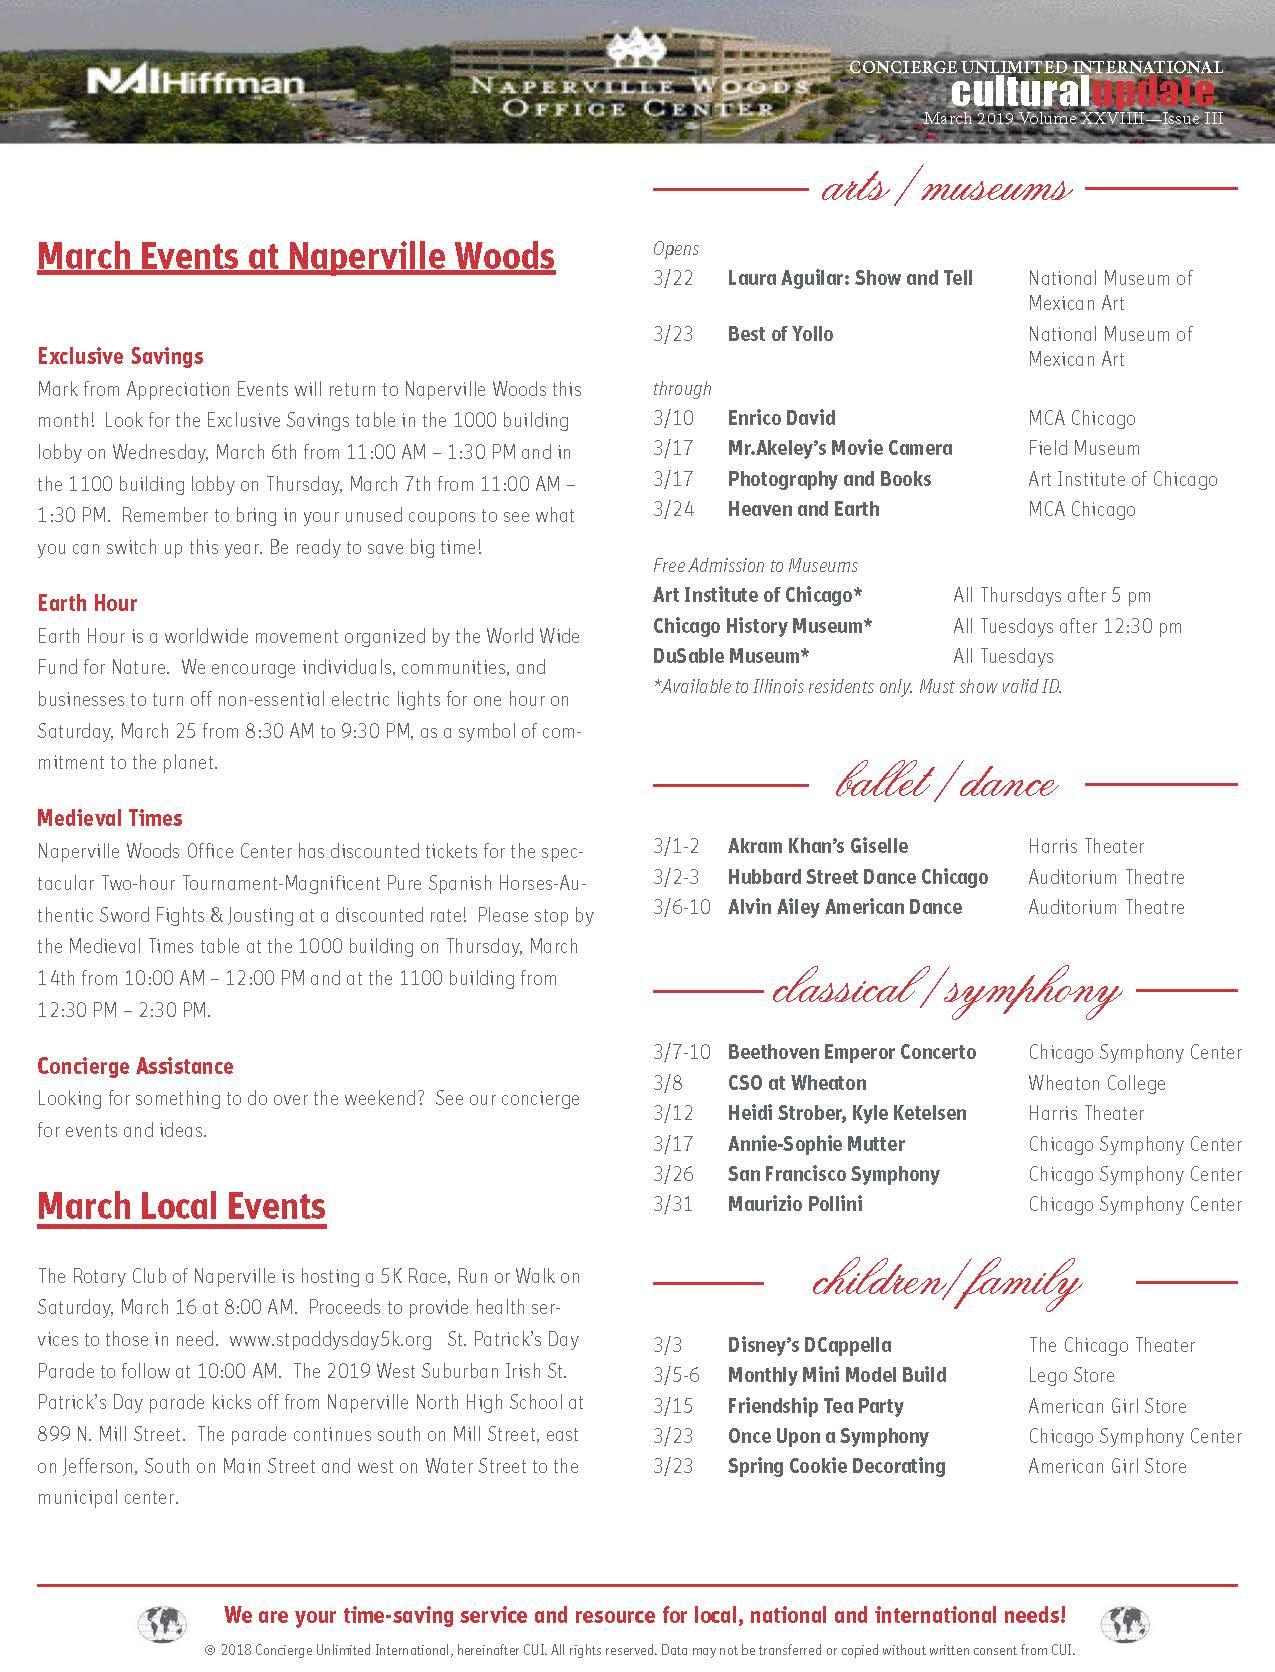 NWOC_March2019_CulturalUpdate_Page_1.jpg